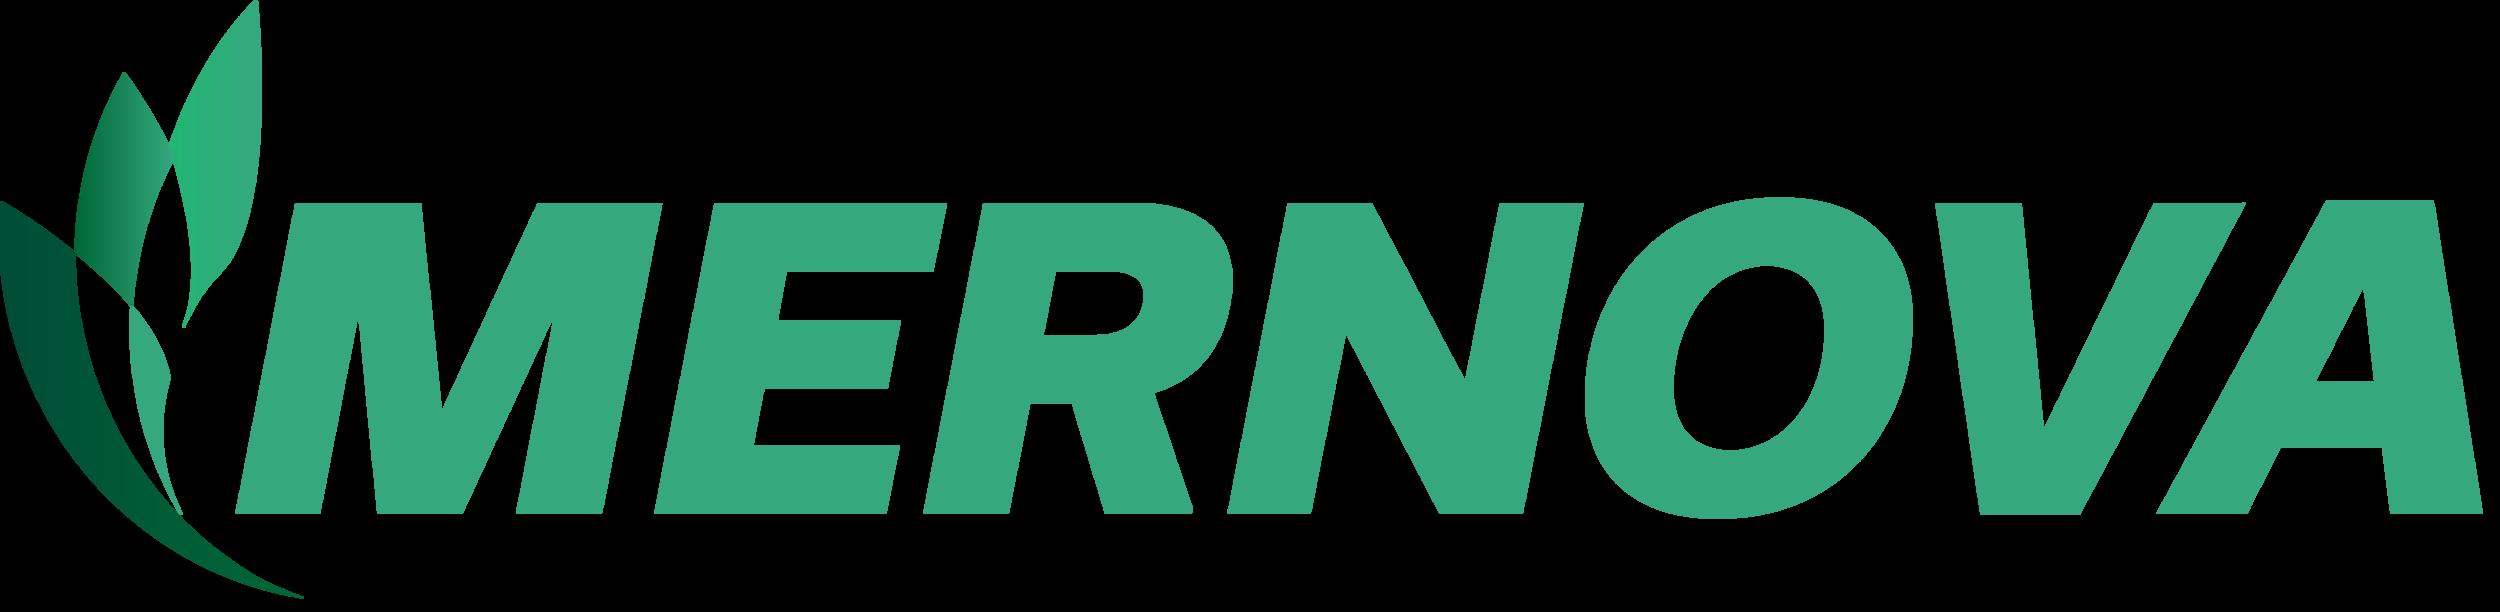 Mernova - Official Logo Transparent.png